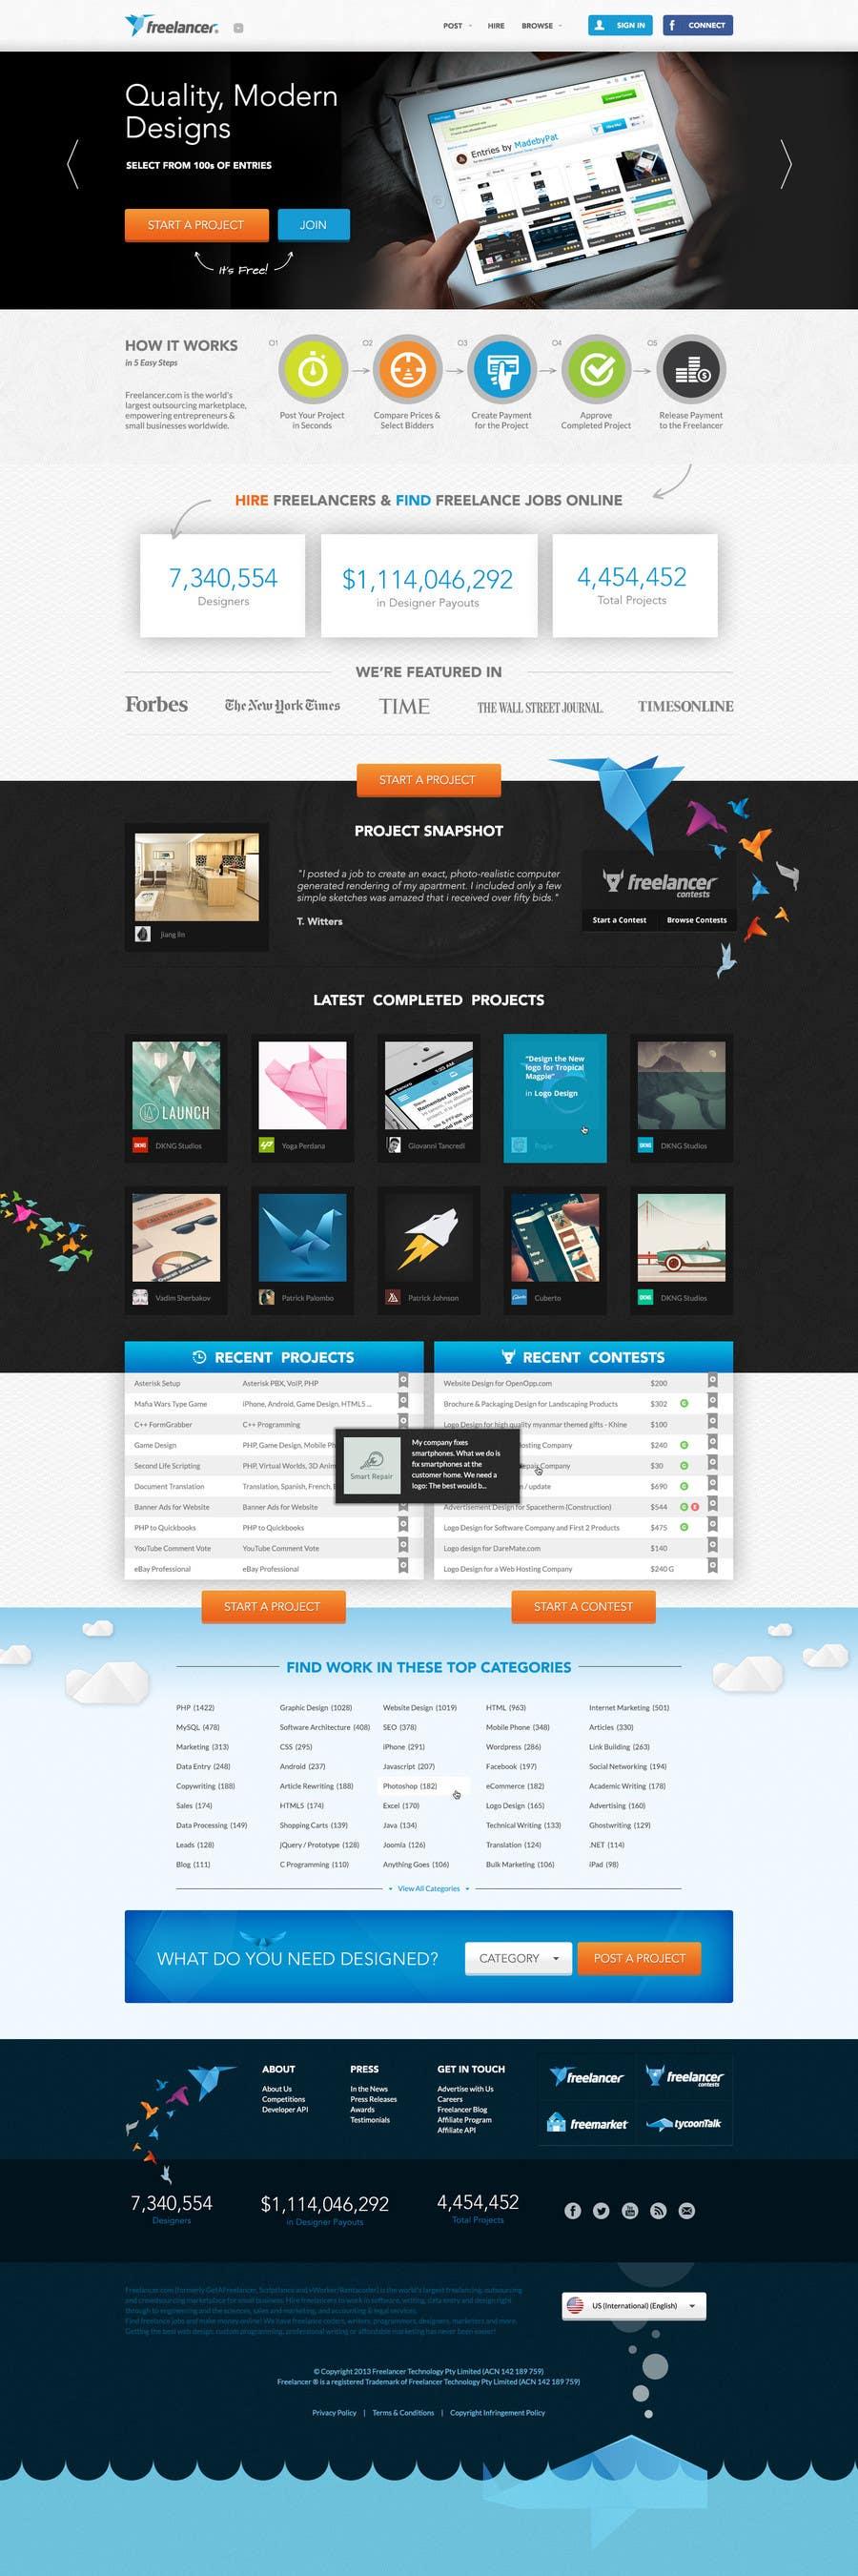 Website Design Contest Entry #579 for Freelancer.com contest! Design our Homepage!